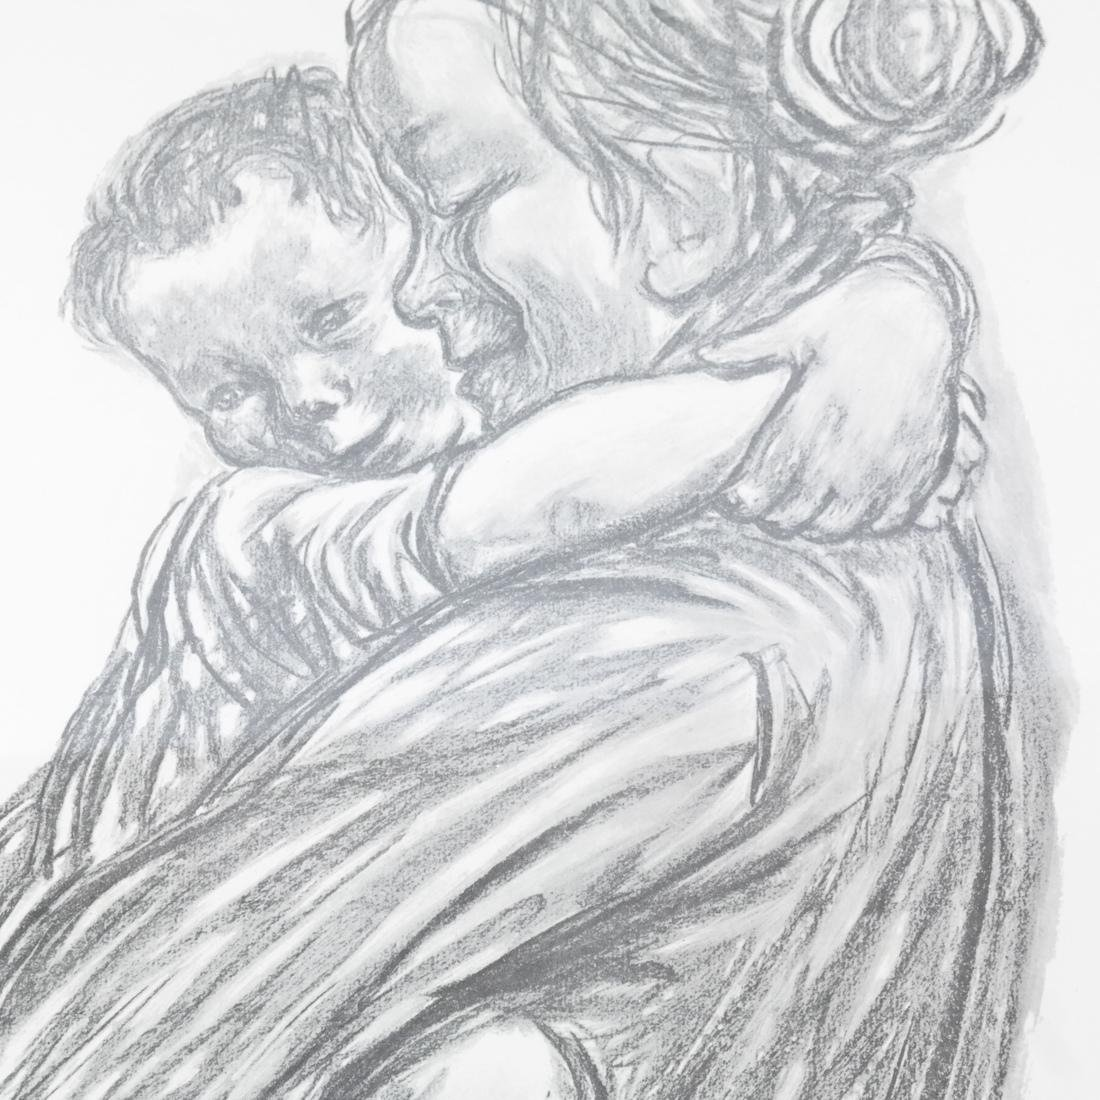 Kathe Kollwitz Mother Child Print - 4